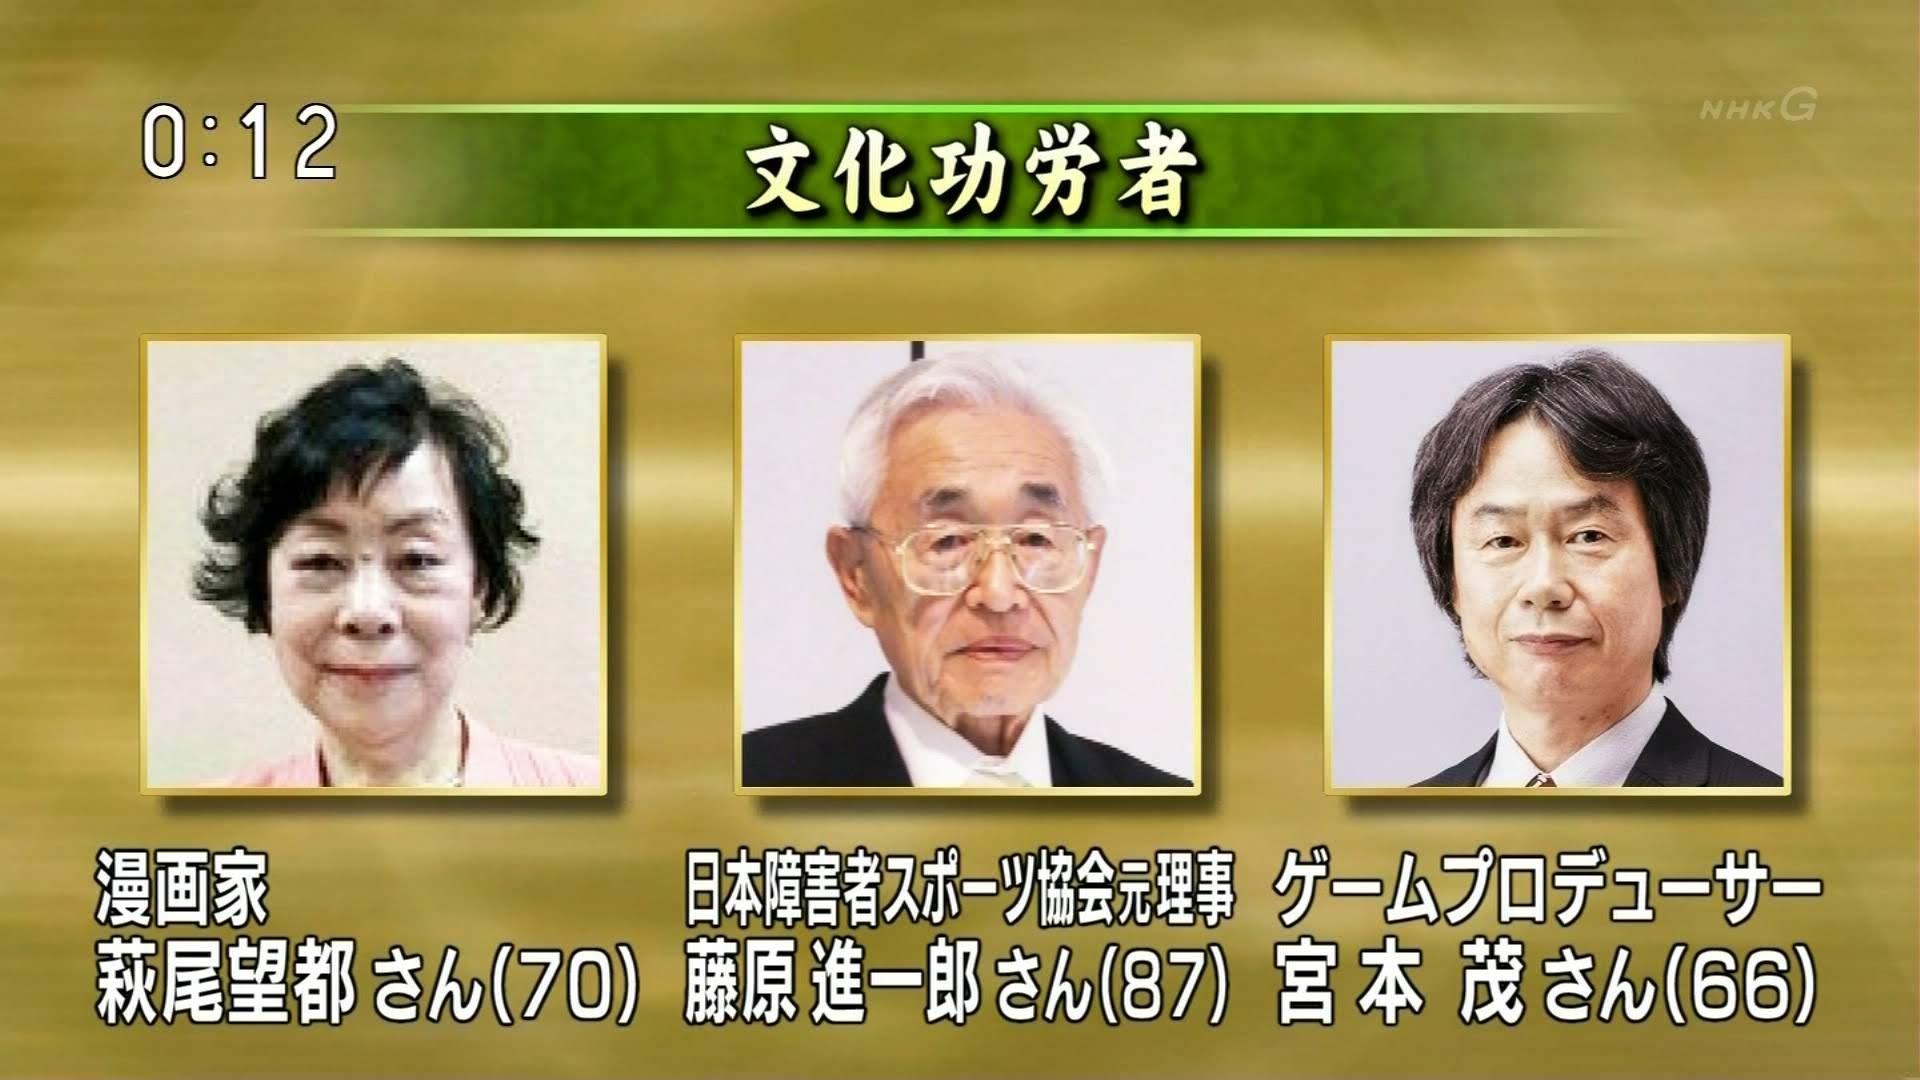 8YG1c7B - 【朗報】任天堂宮本茂(66)、文化功労者受賞!